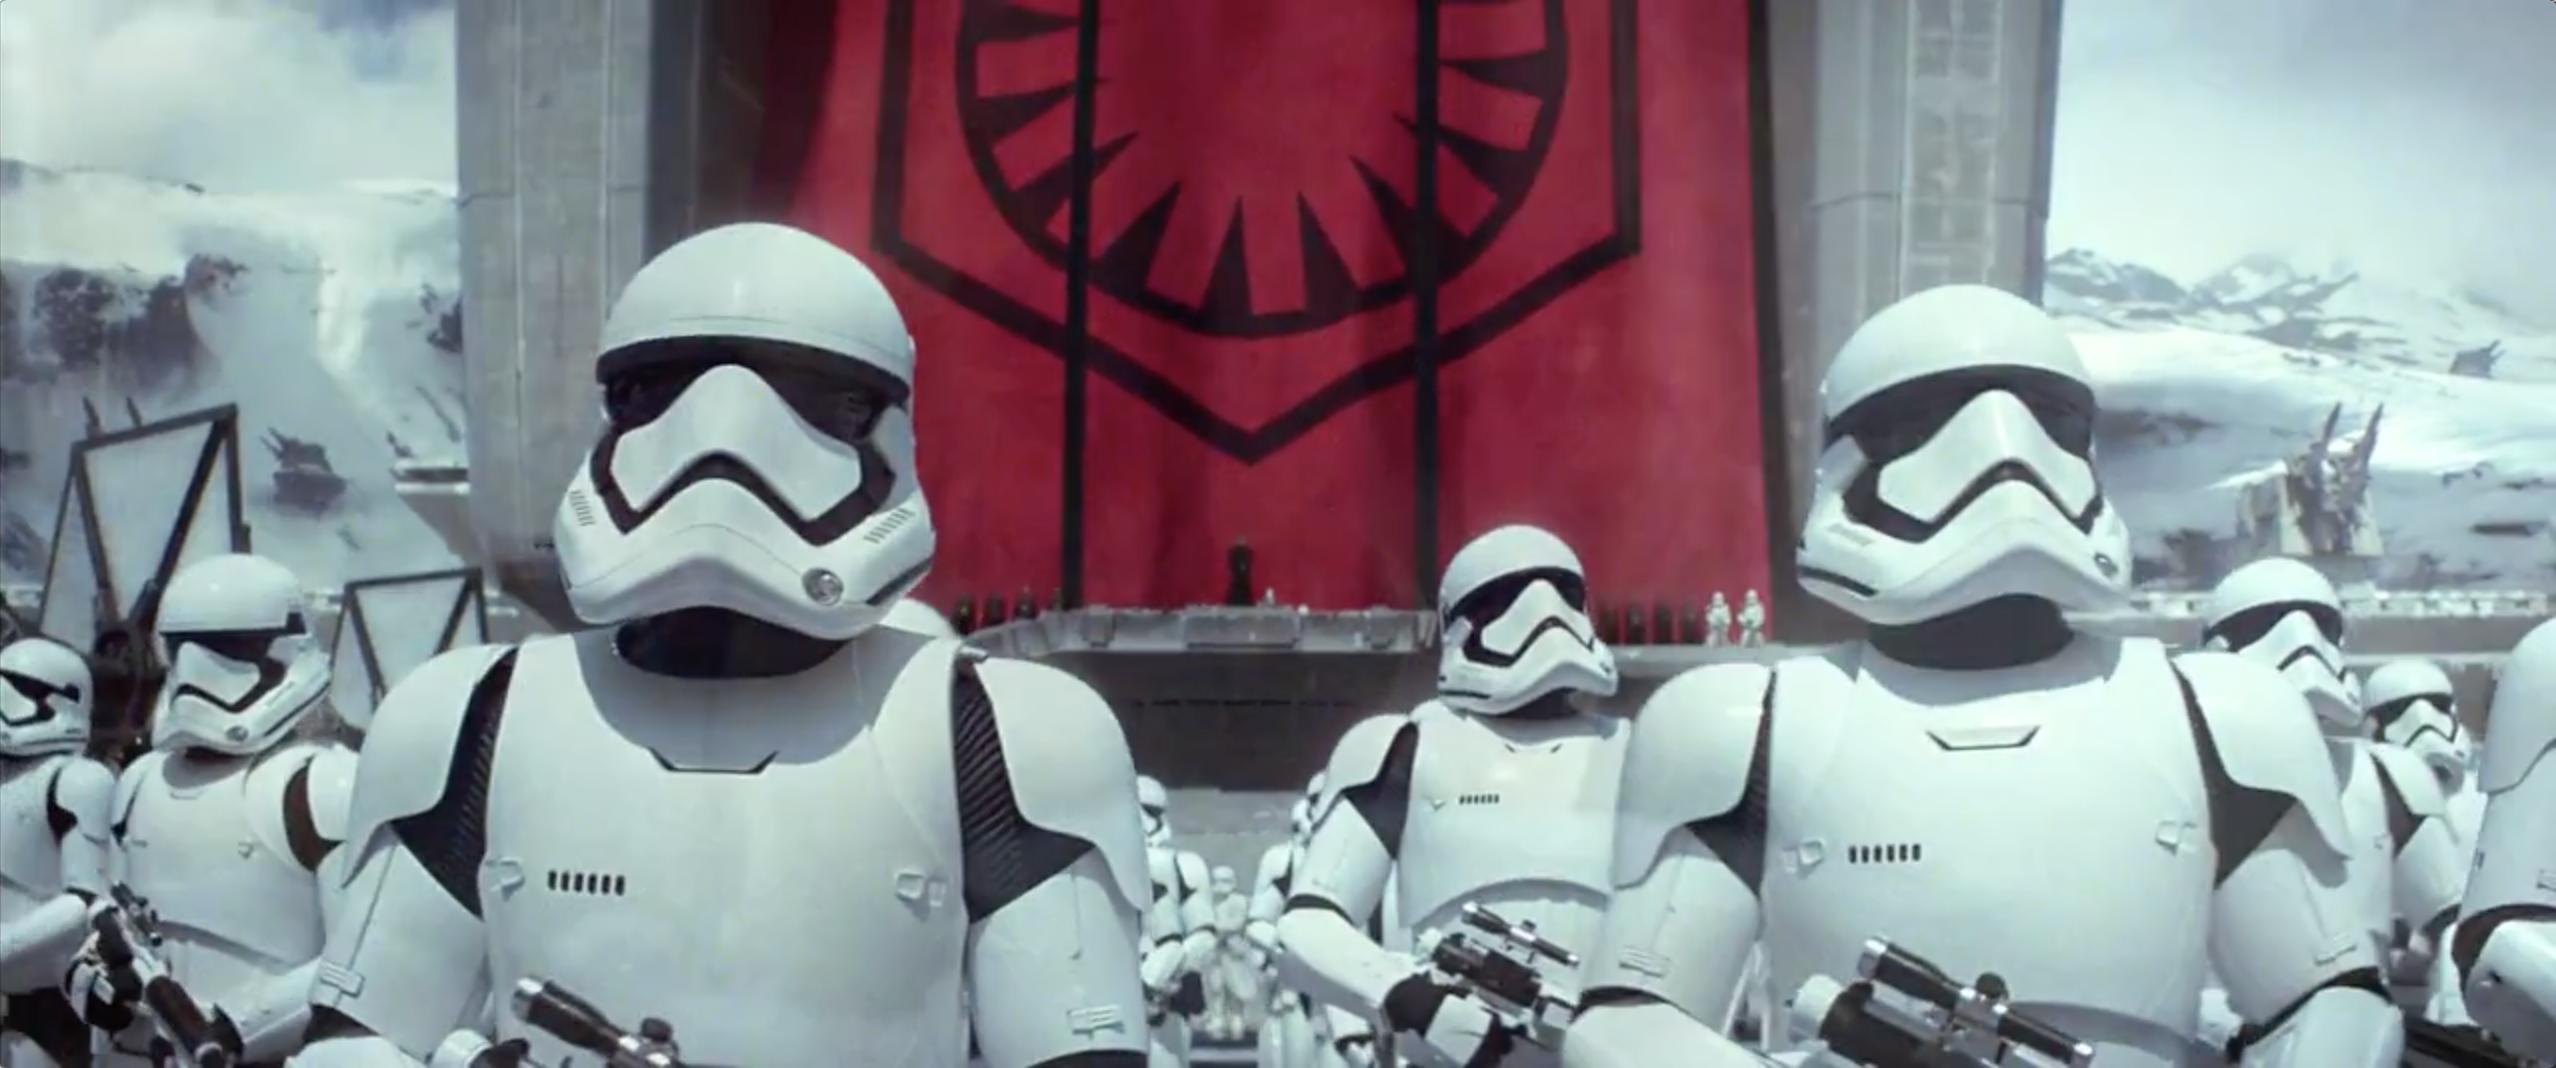 Star Wars: Episodio VII - Il risveglio della Forza: Stormtrooper nel secondo teaser